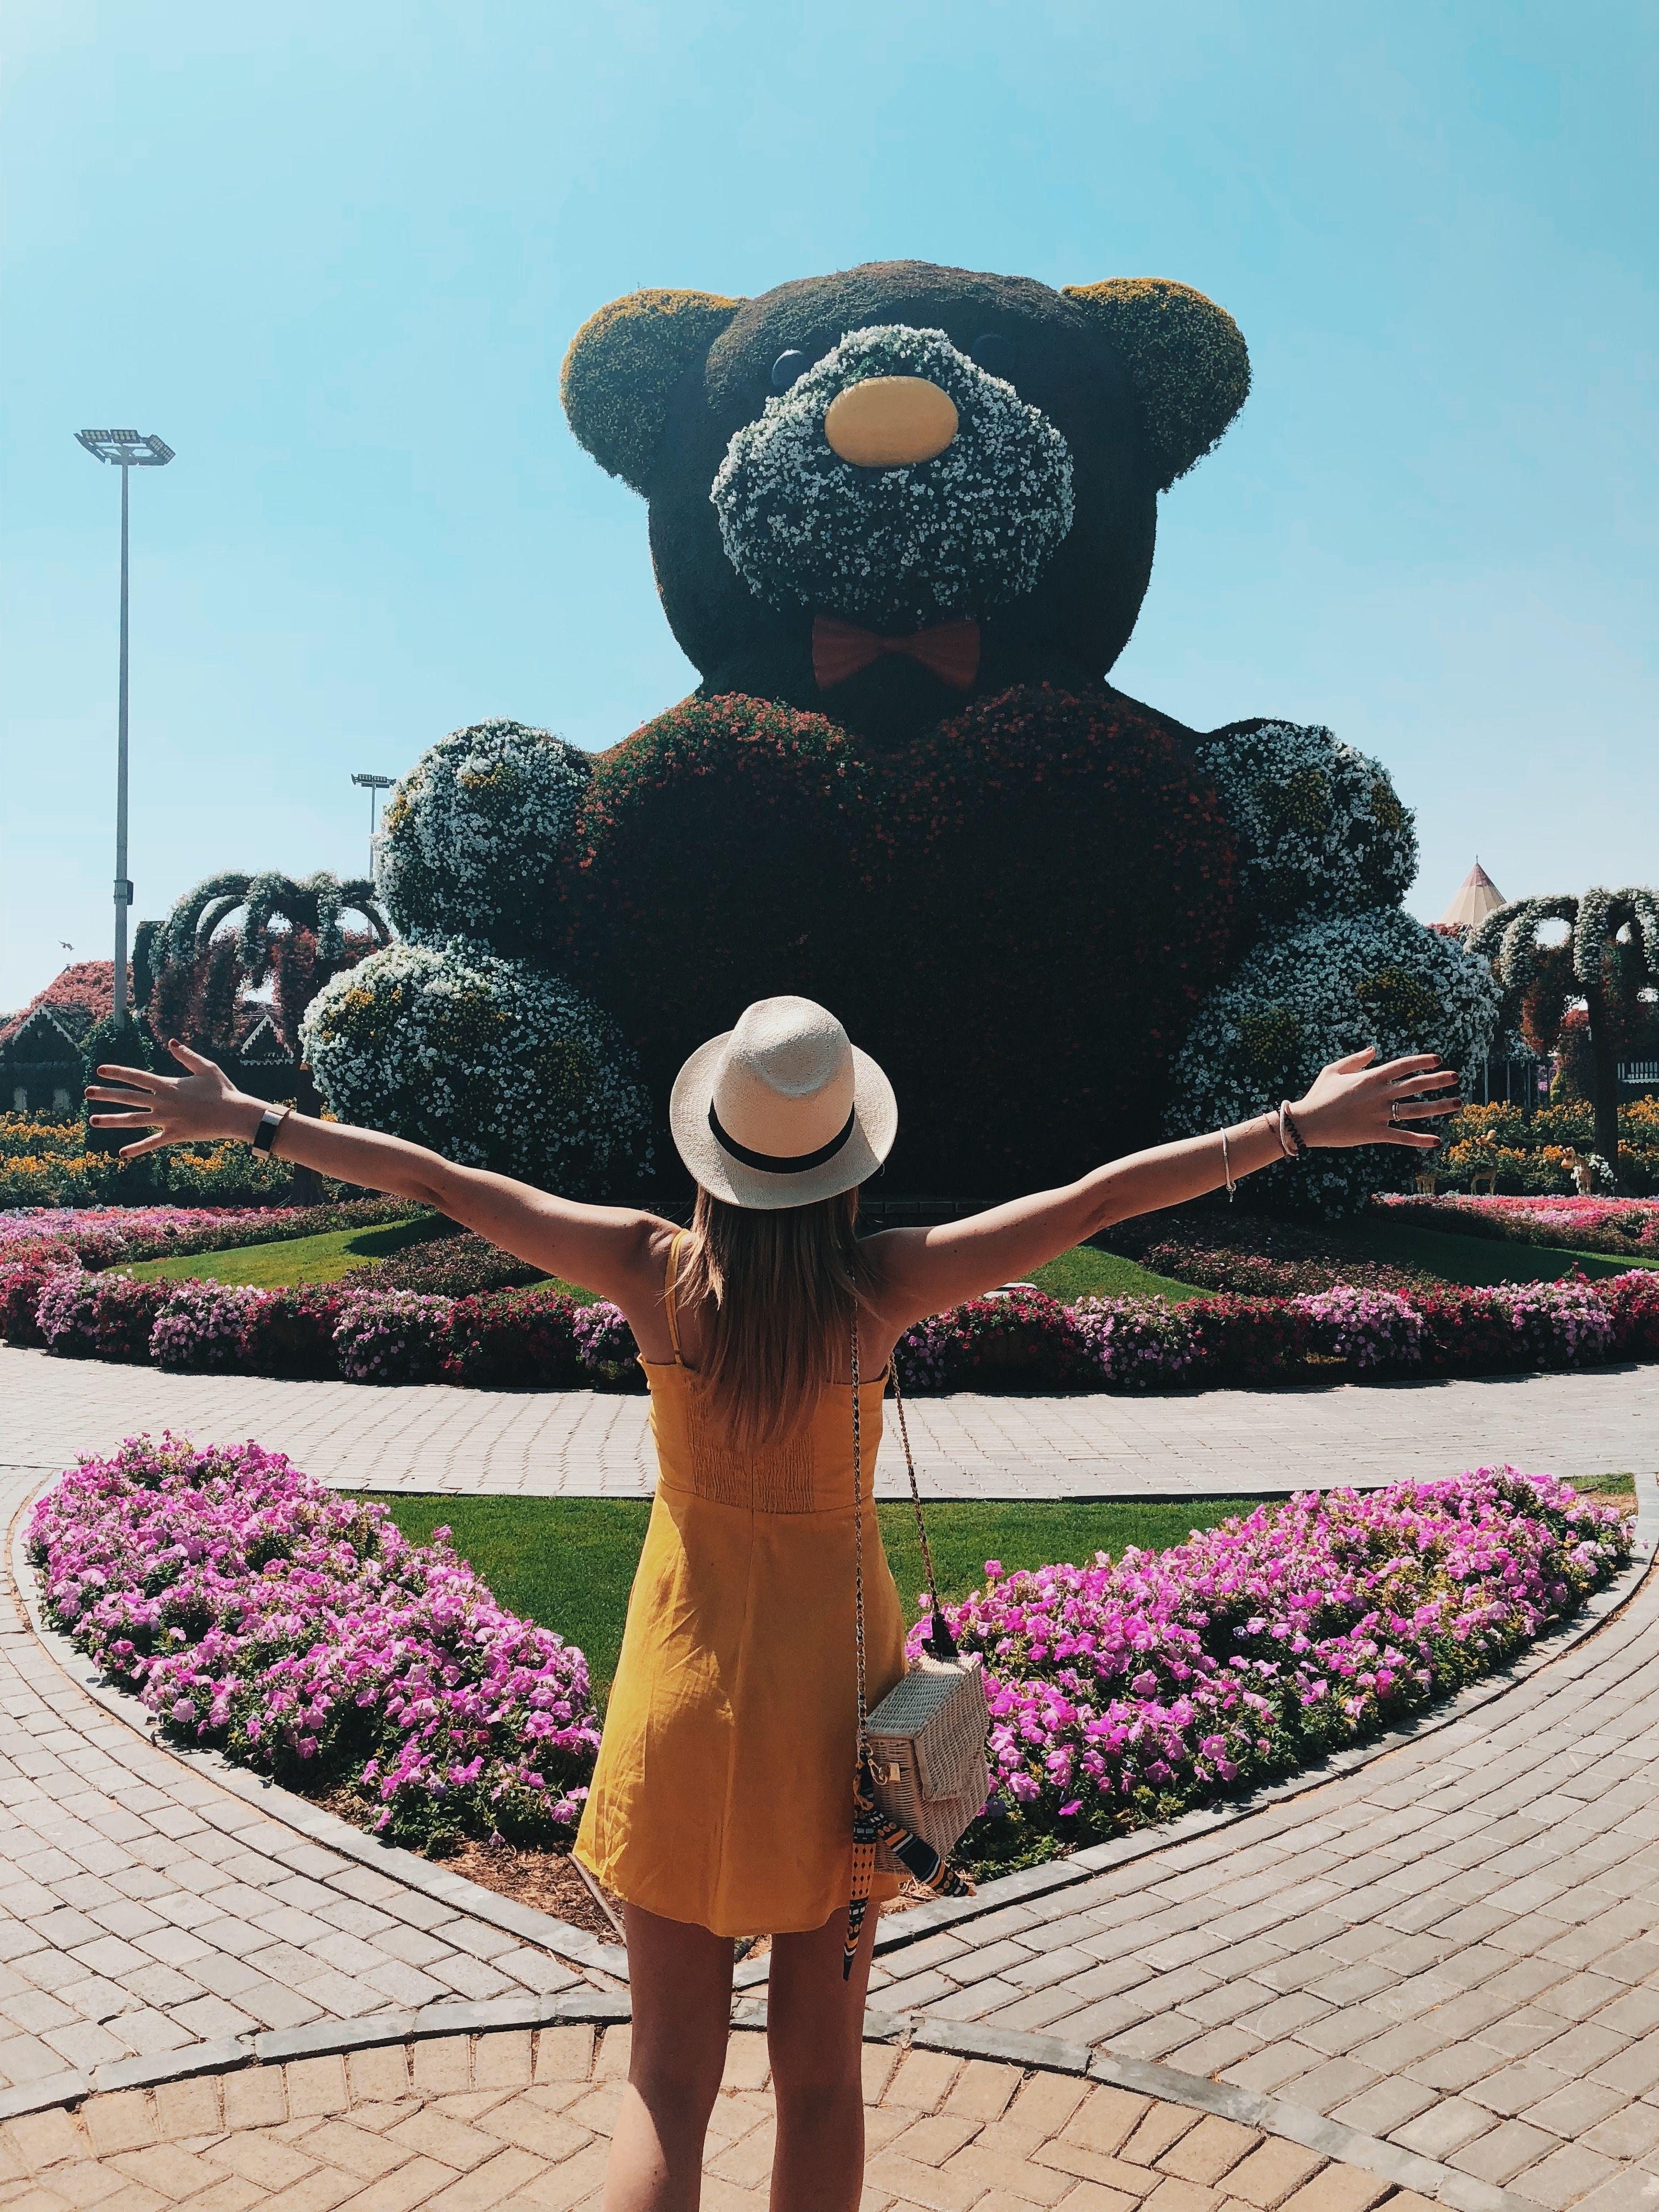 Miracle Garden Dubai Miracle garden, Teddy bear, Teddy